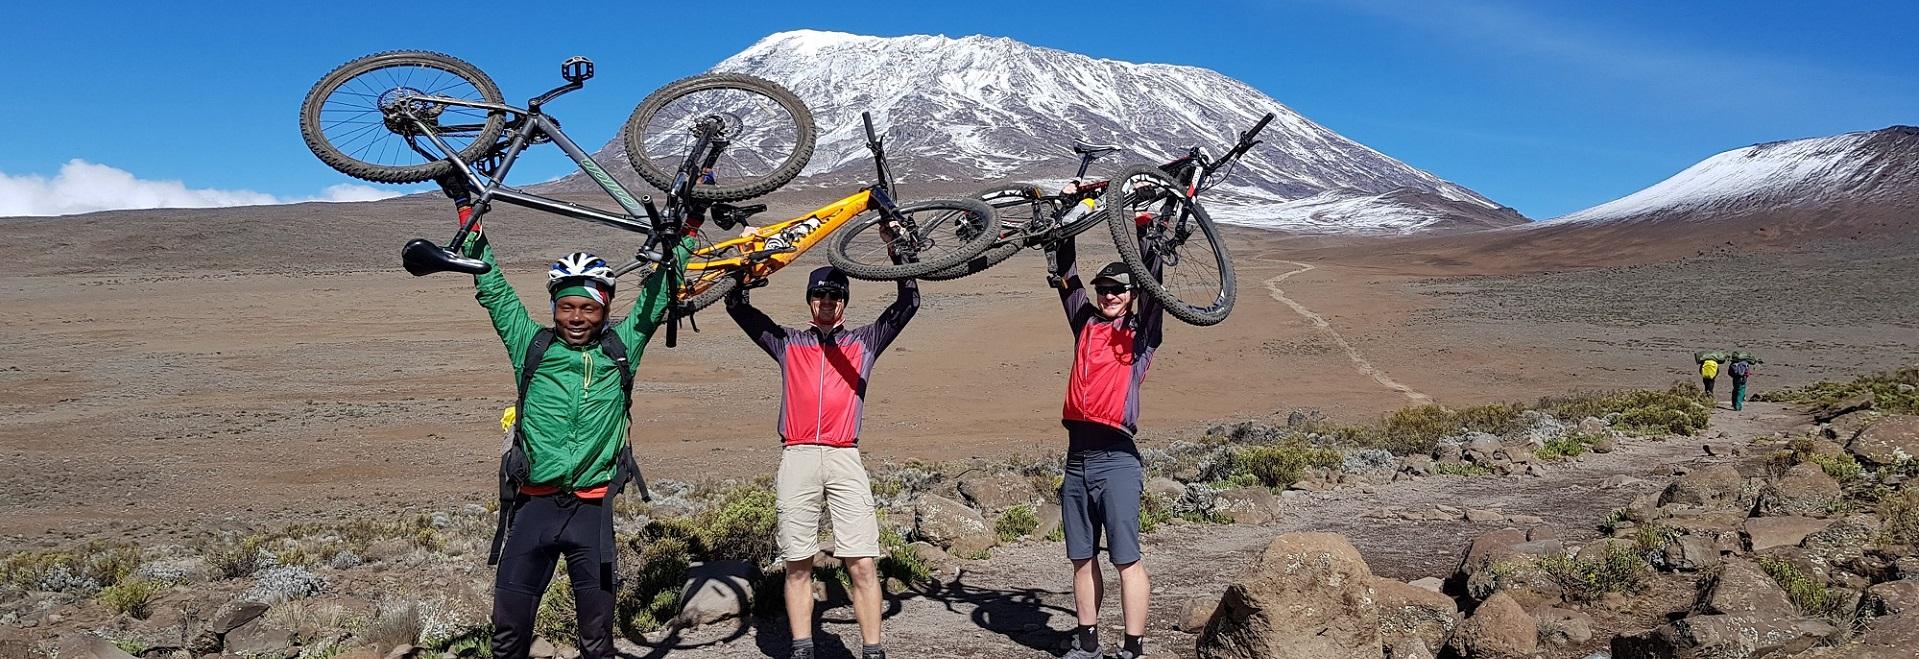 Mount Kilimanjaro Biking Tours